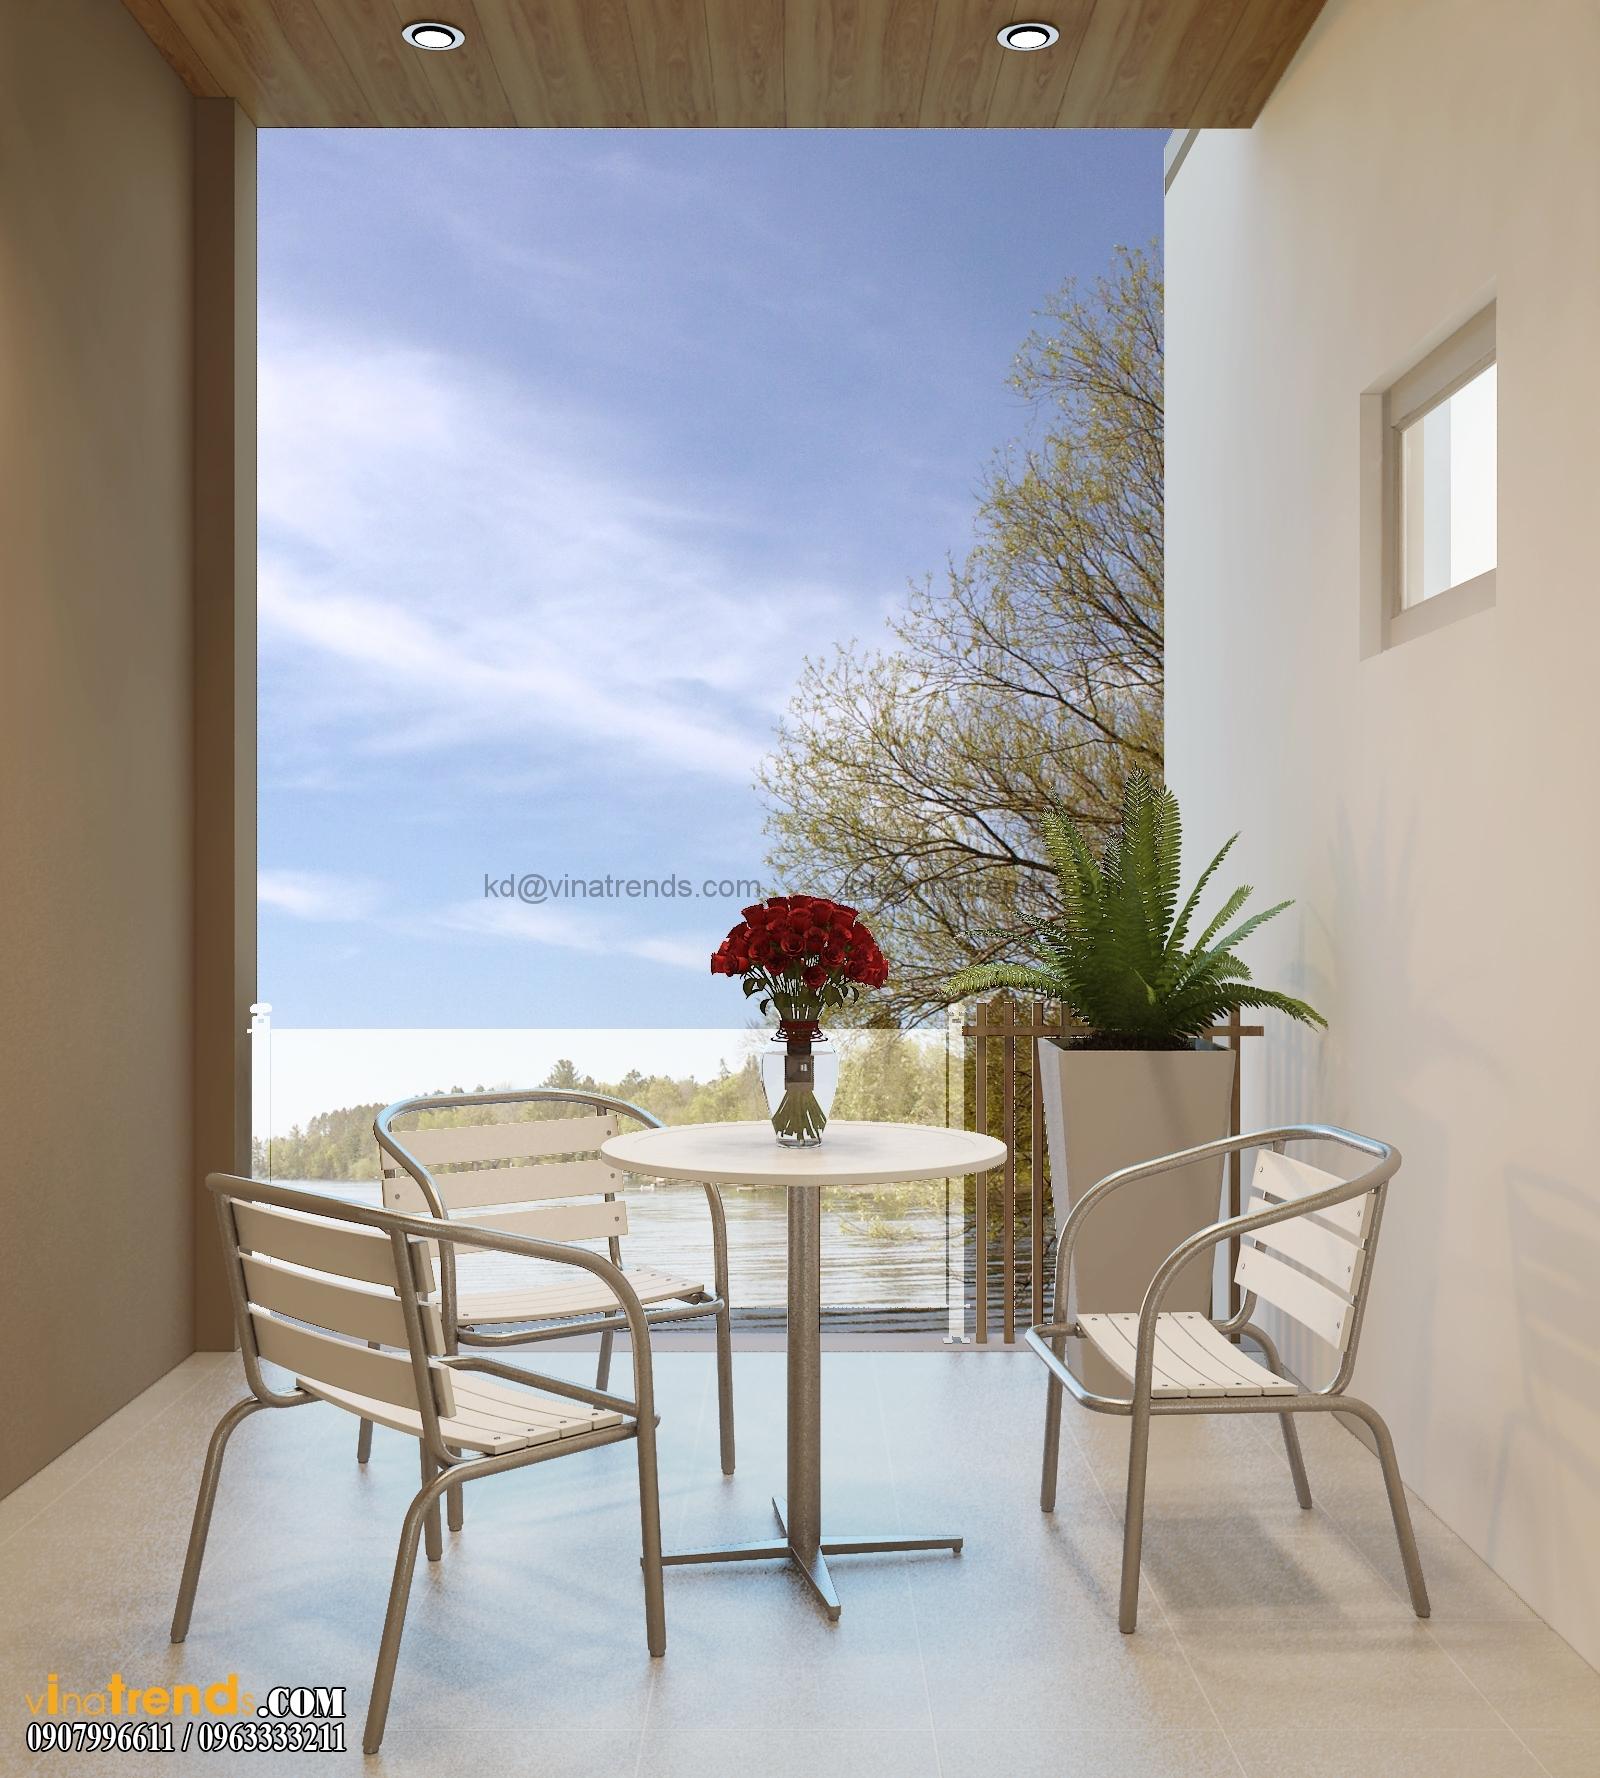 biet thu pho 2 tang 135m2 11 Mẫu thiết kế biệt thự 3 tầng hiện đại 8x17m đẹp không gian lý tưởng cho gia đình bạn   BT180715A